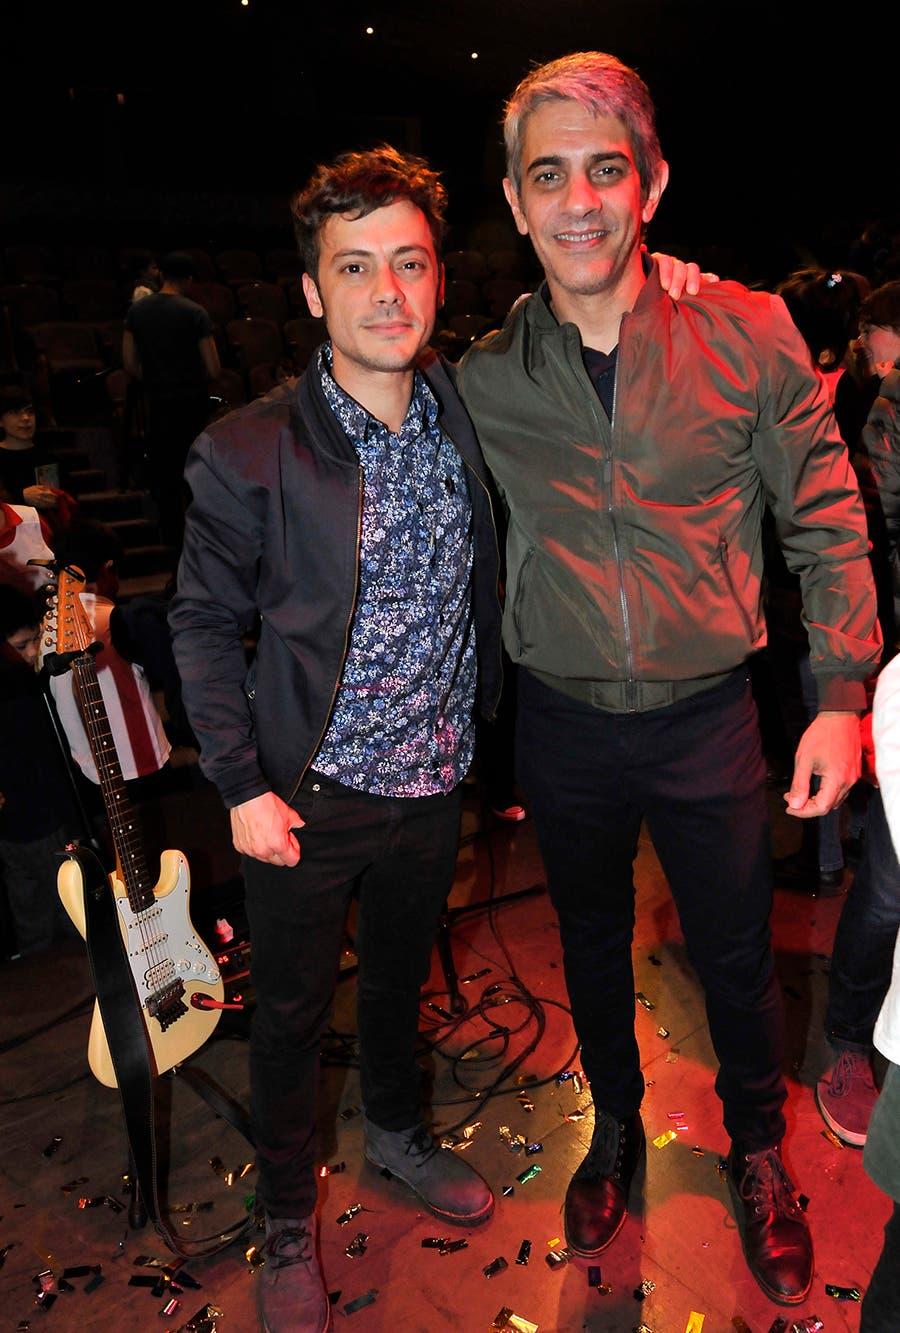 Estrellas en un flash: de la salida hot de Flor Vigna y Mati Napp al festejo de ATAV